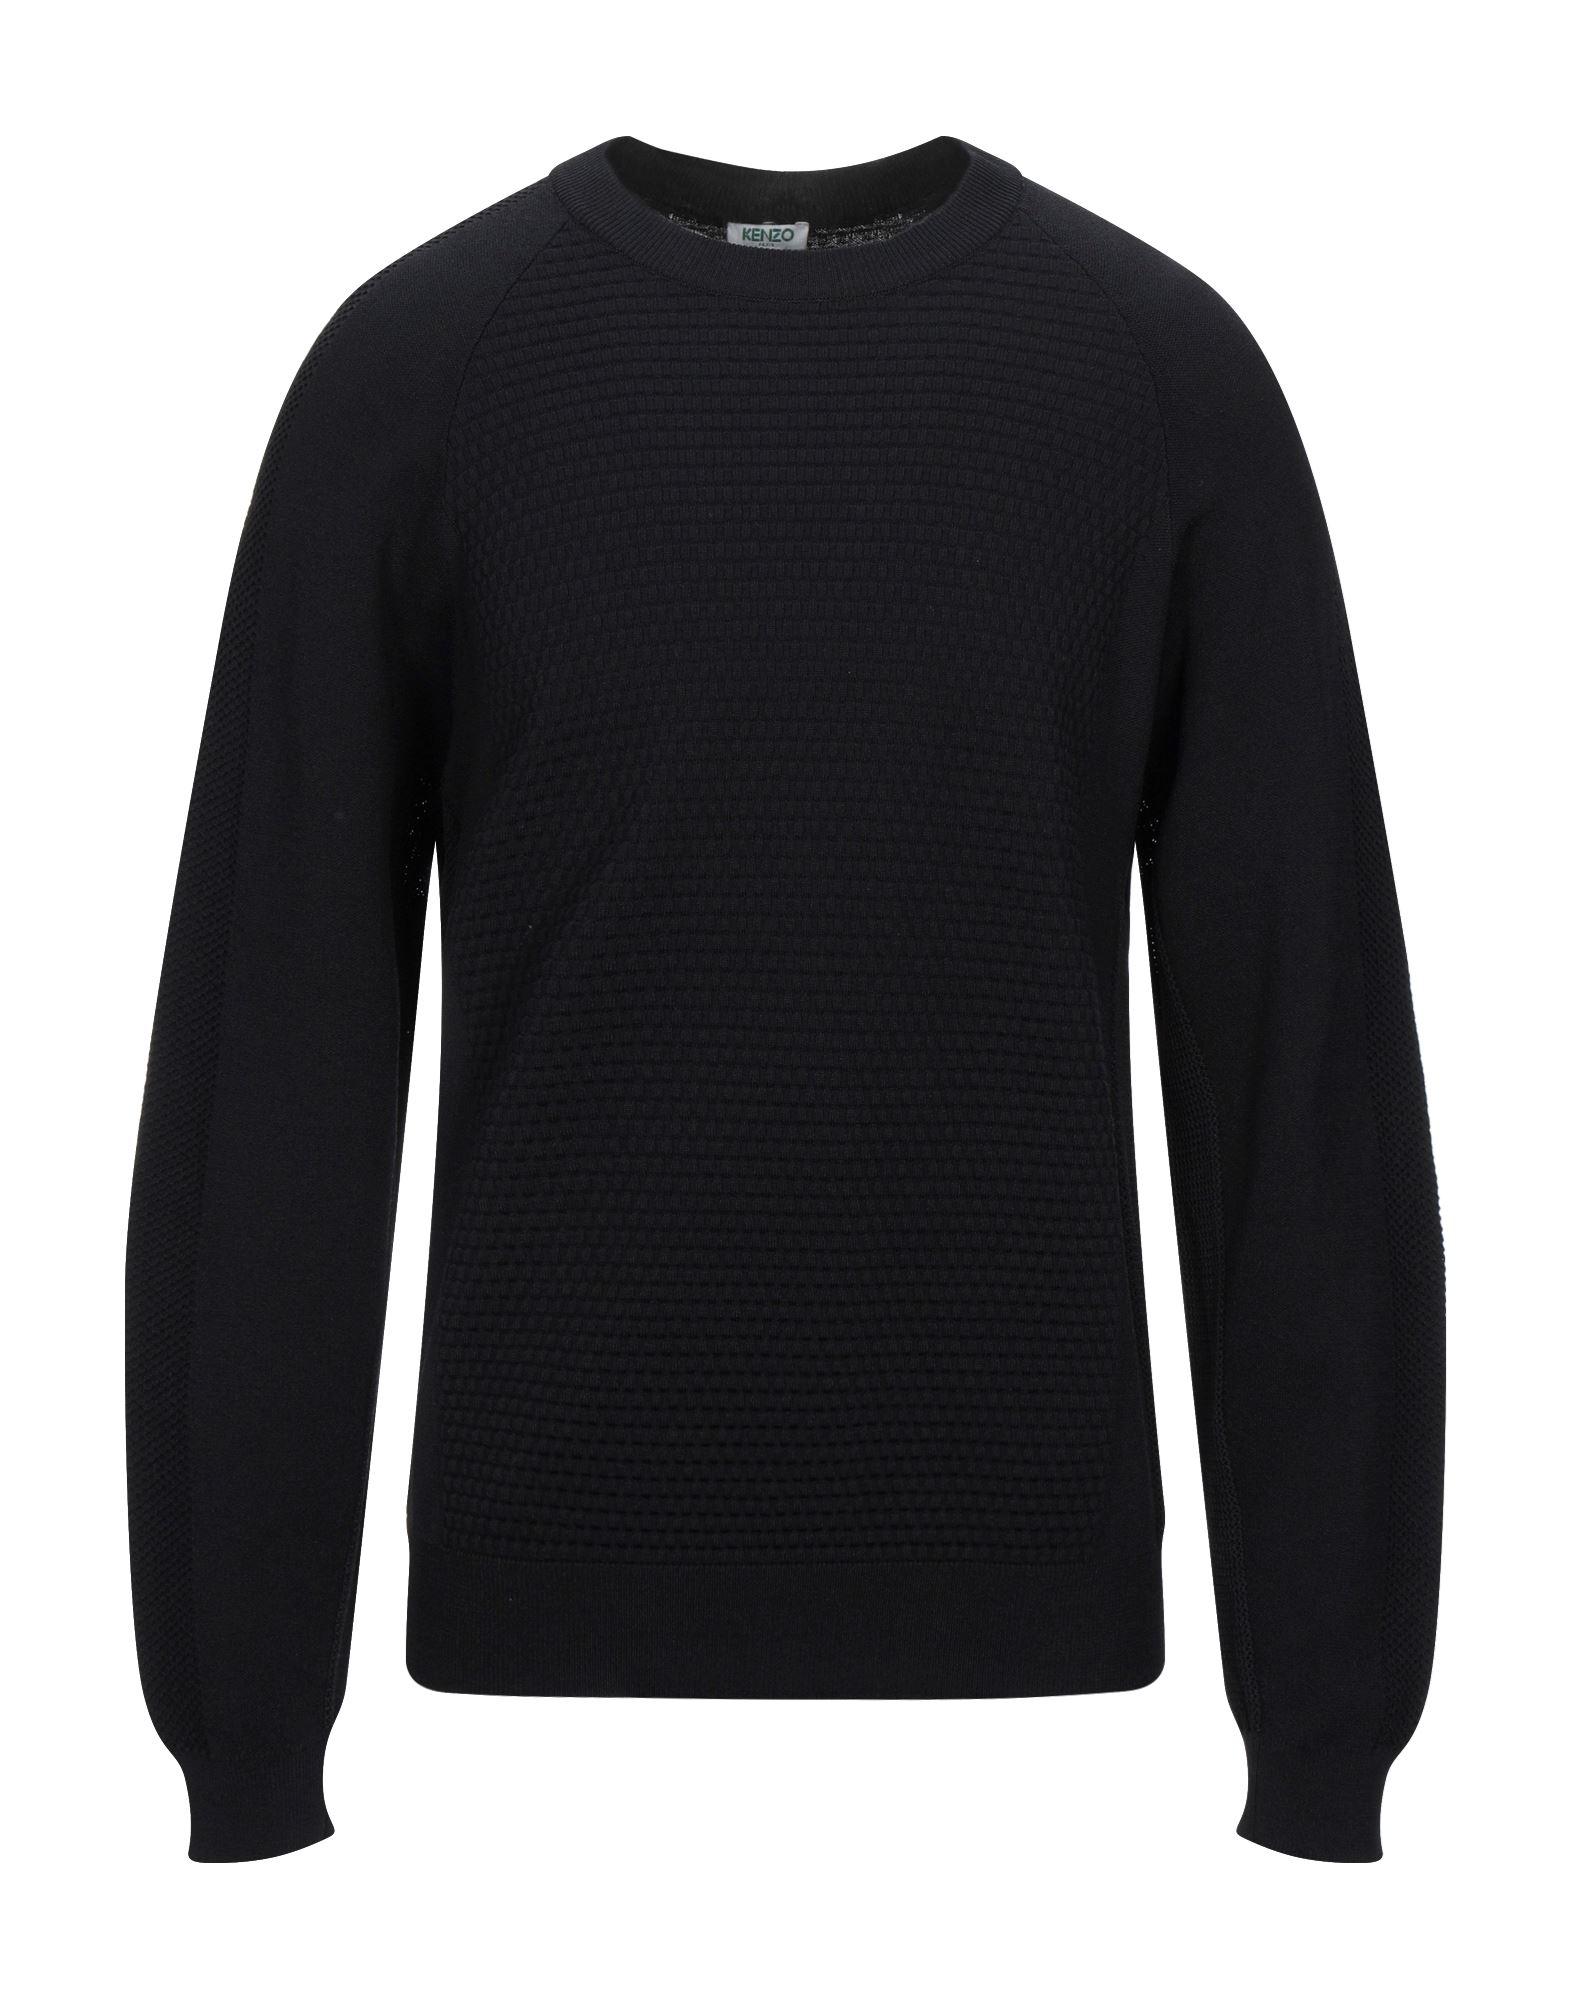 KENZO Sweaters - Item 14105308